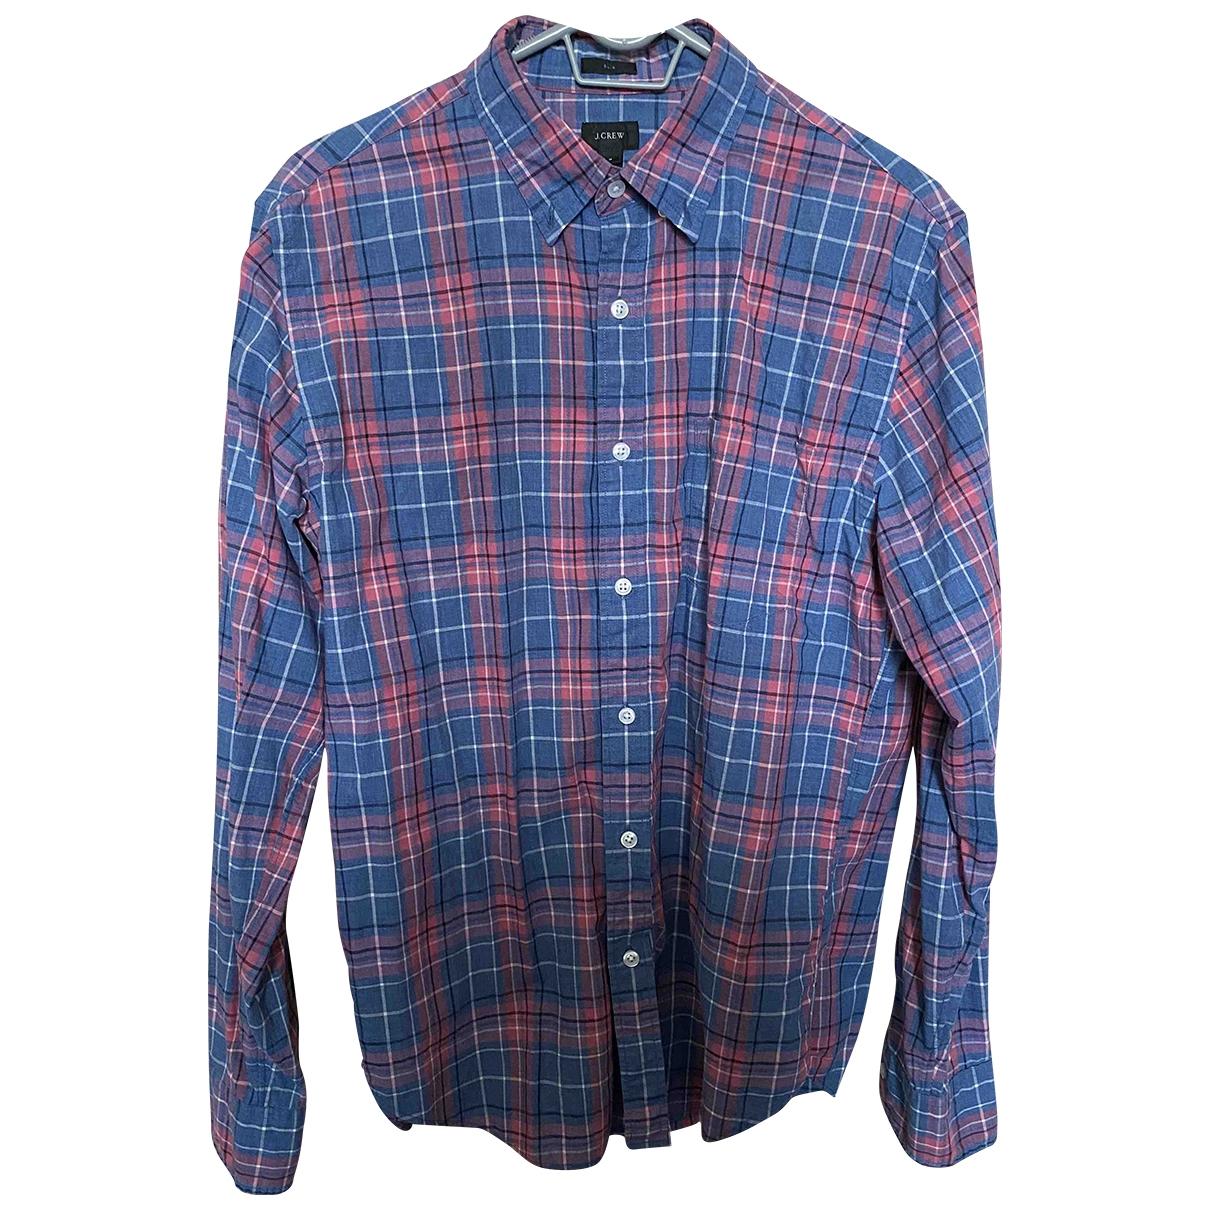 J.crew - Chemises   pour homme en coton - multicolore